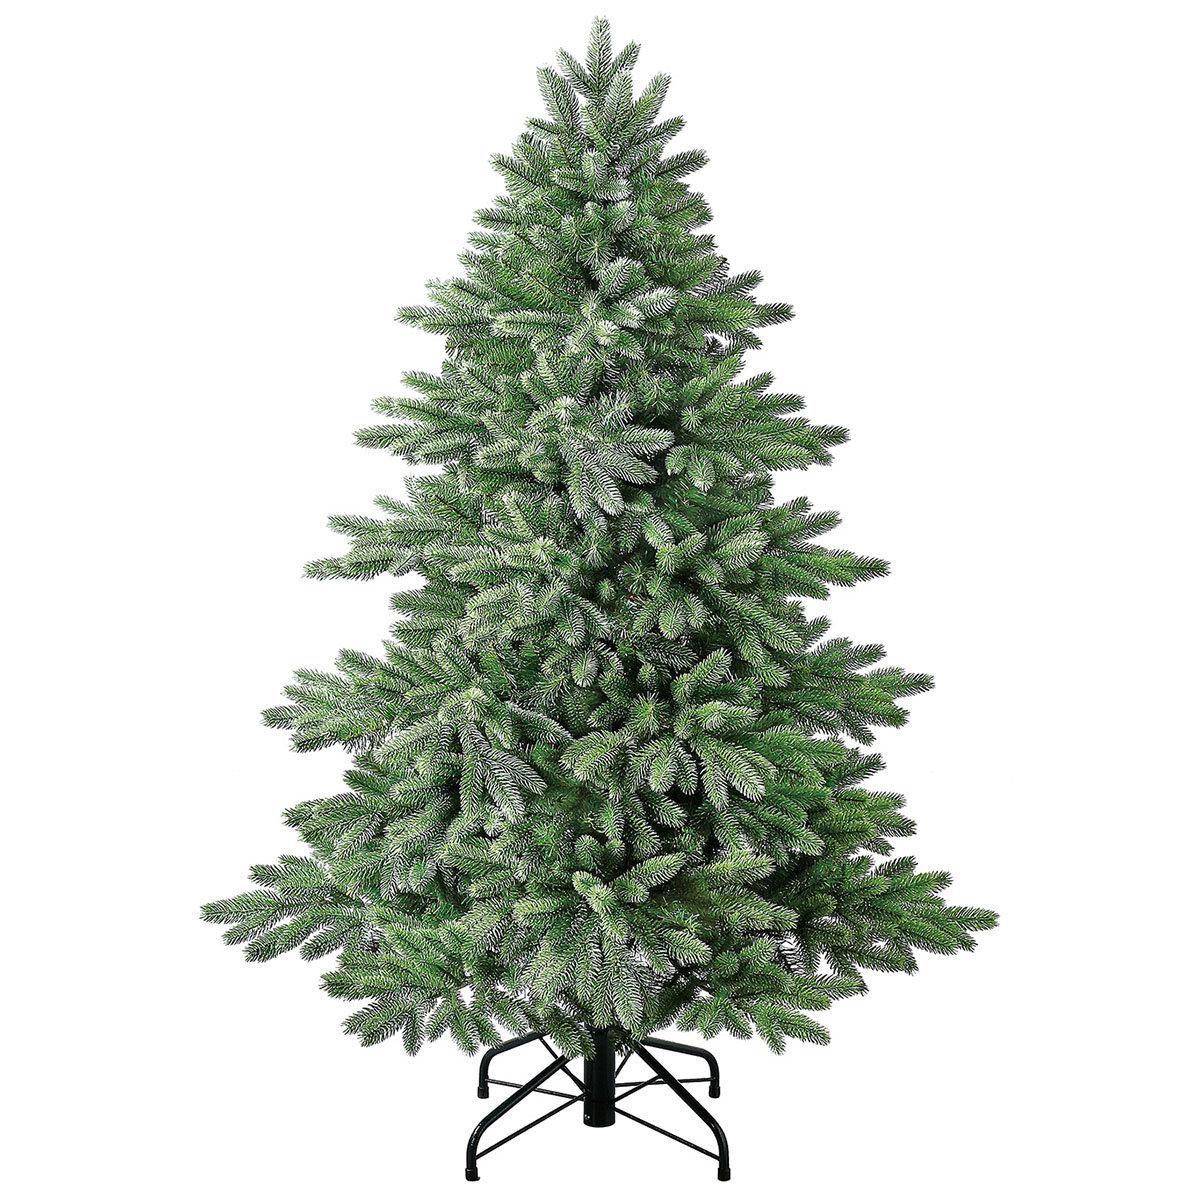 Künstlicher Weihnachtsbaum Kiefer, 210 cm | #3